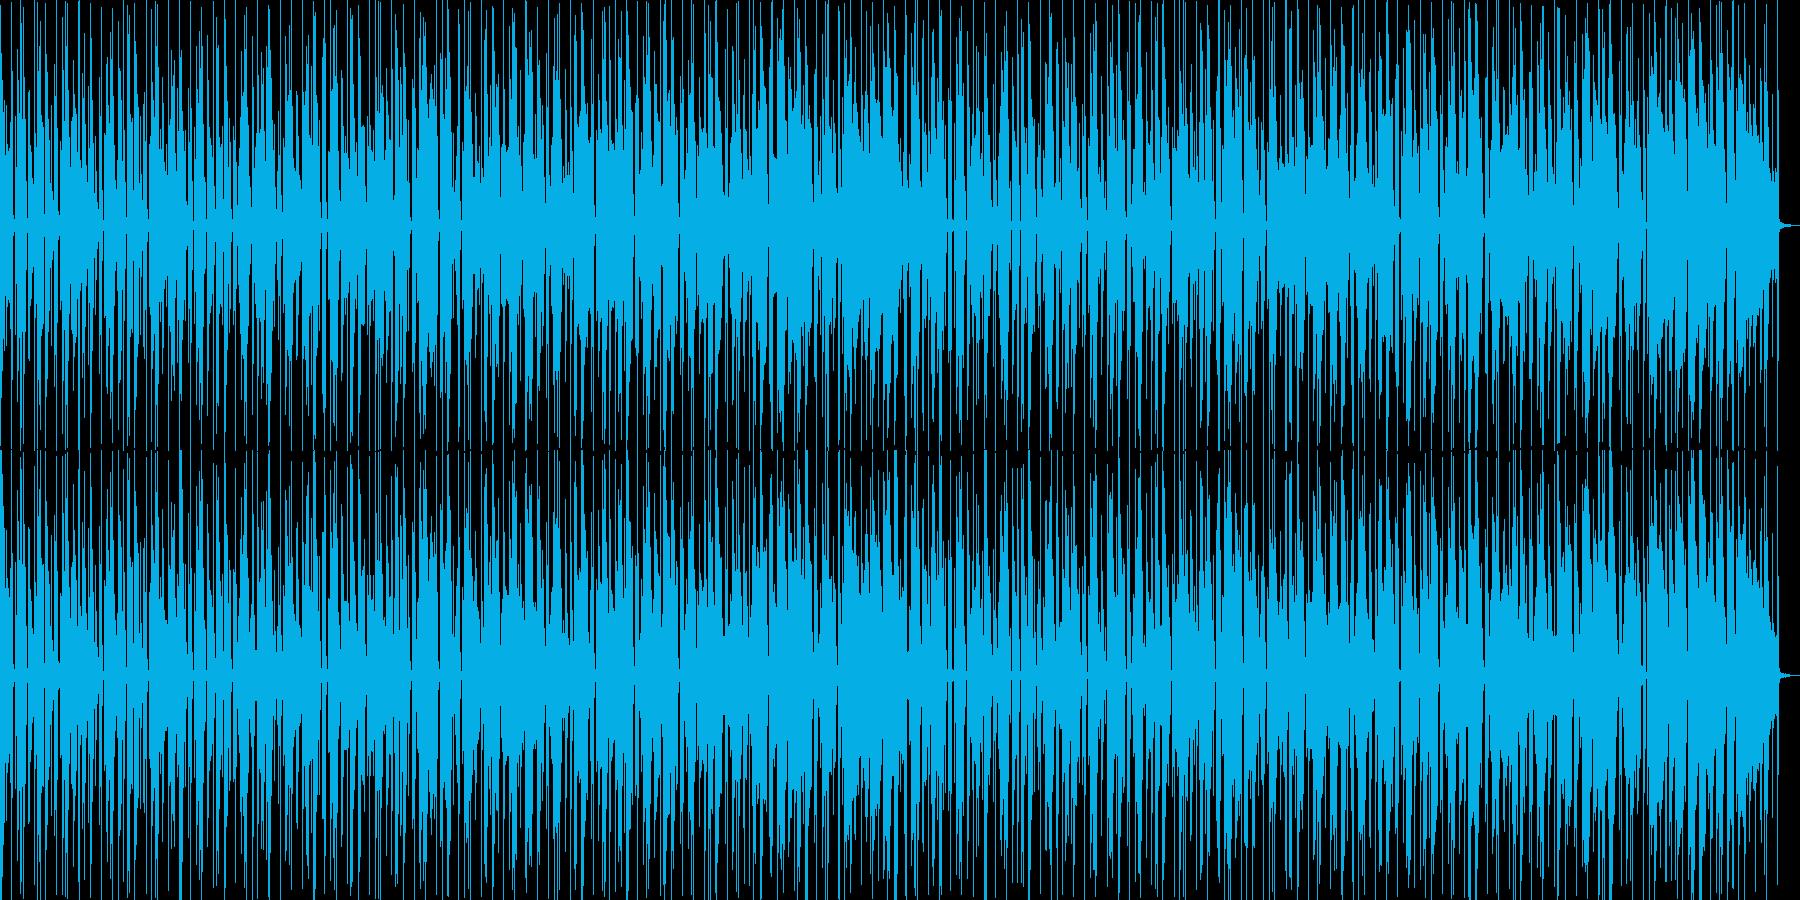 キッズ向けのミッドテンポBGMの再生済みの波形